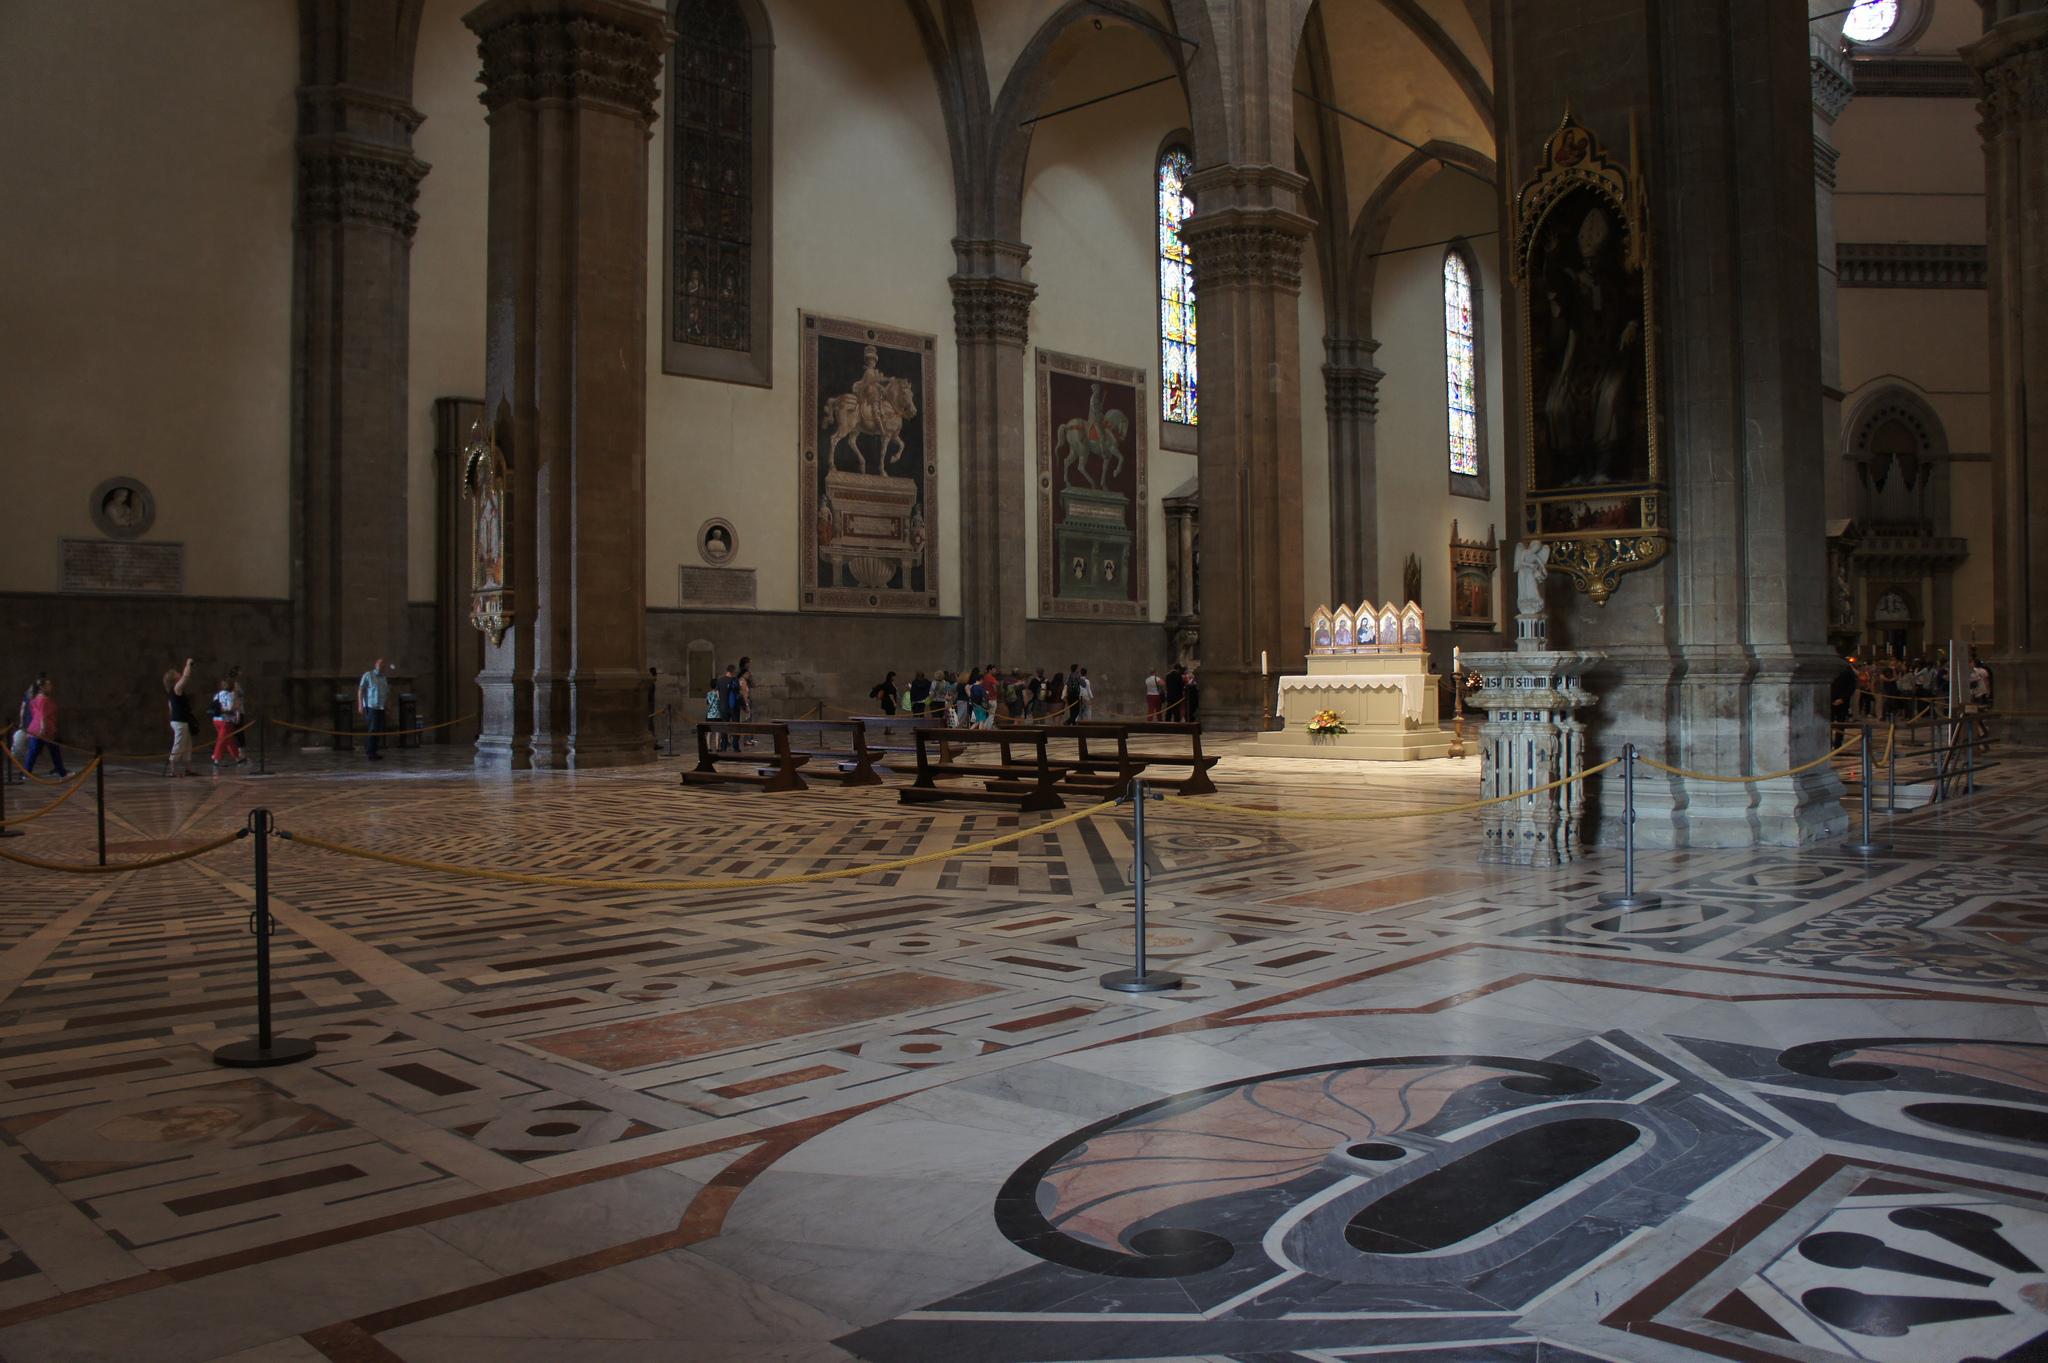 Внутри собора Санта-Мария-дель-Фьоре, Флоренция